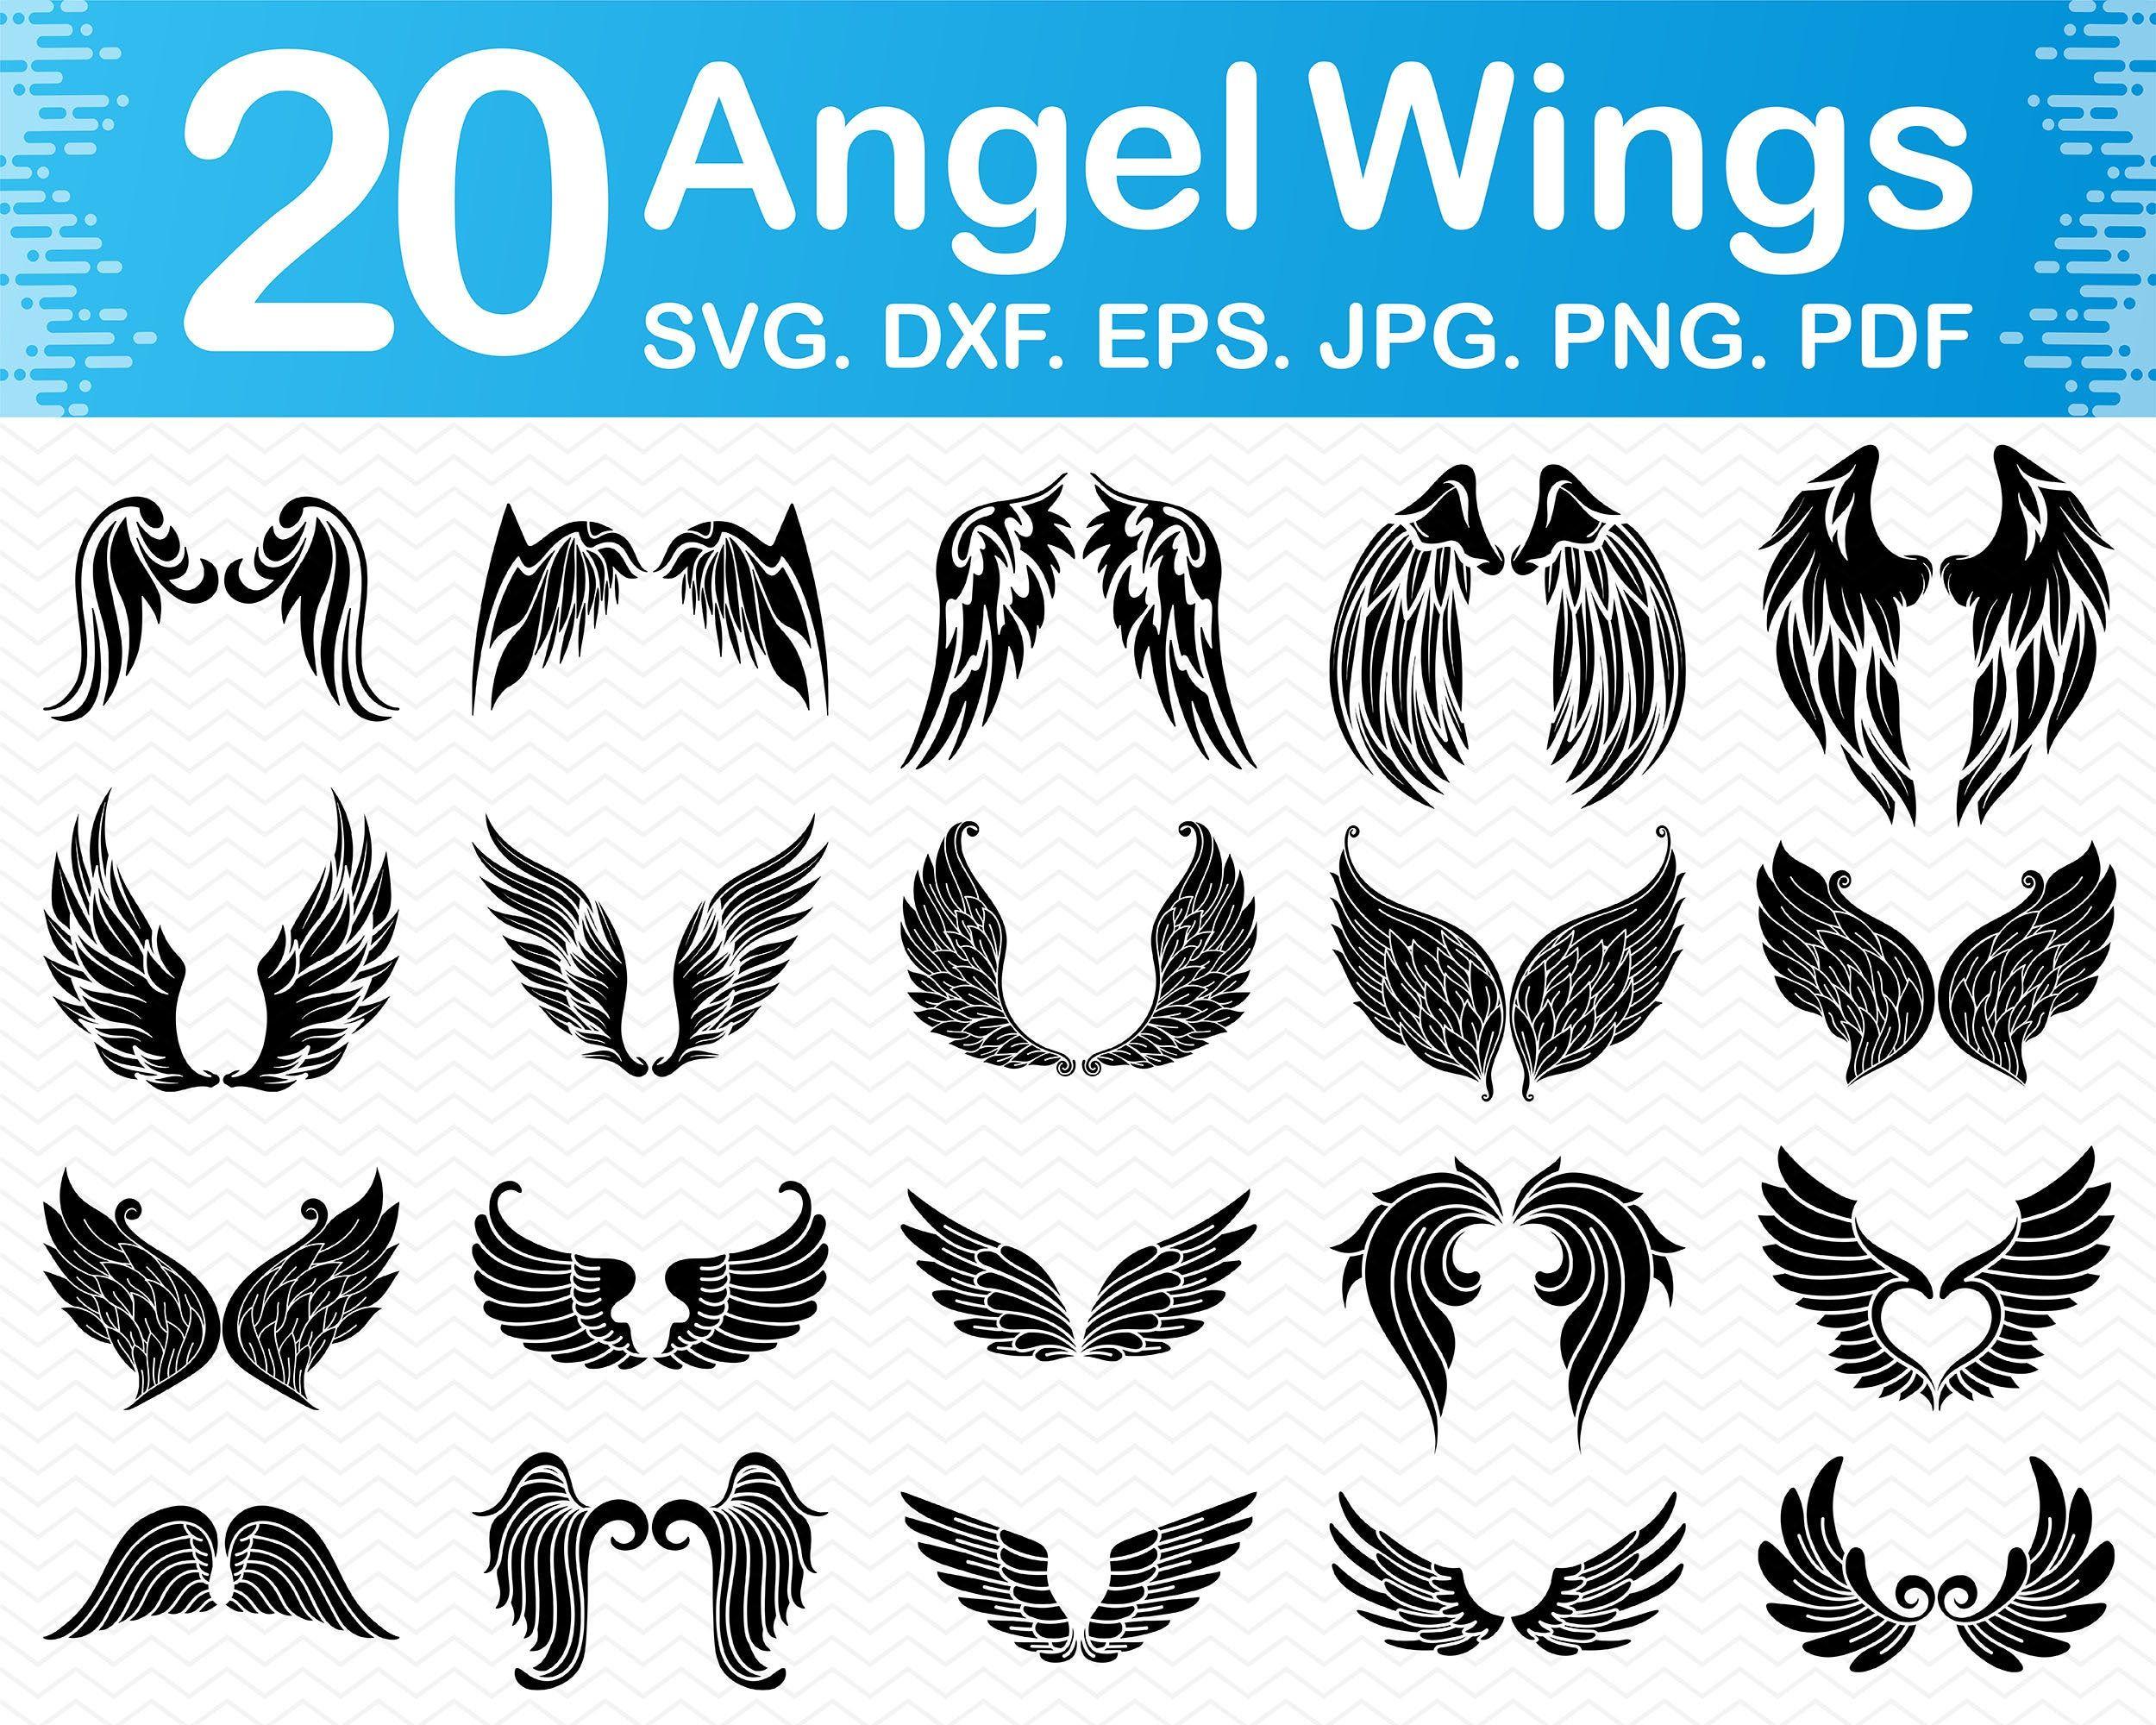 Wings Clipart Wings SVG Angel Wings Printable Art Vector Clip Art Silhouette Cut Files Angel SVG Svg Files For Cricut Angel Wings SVG